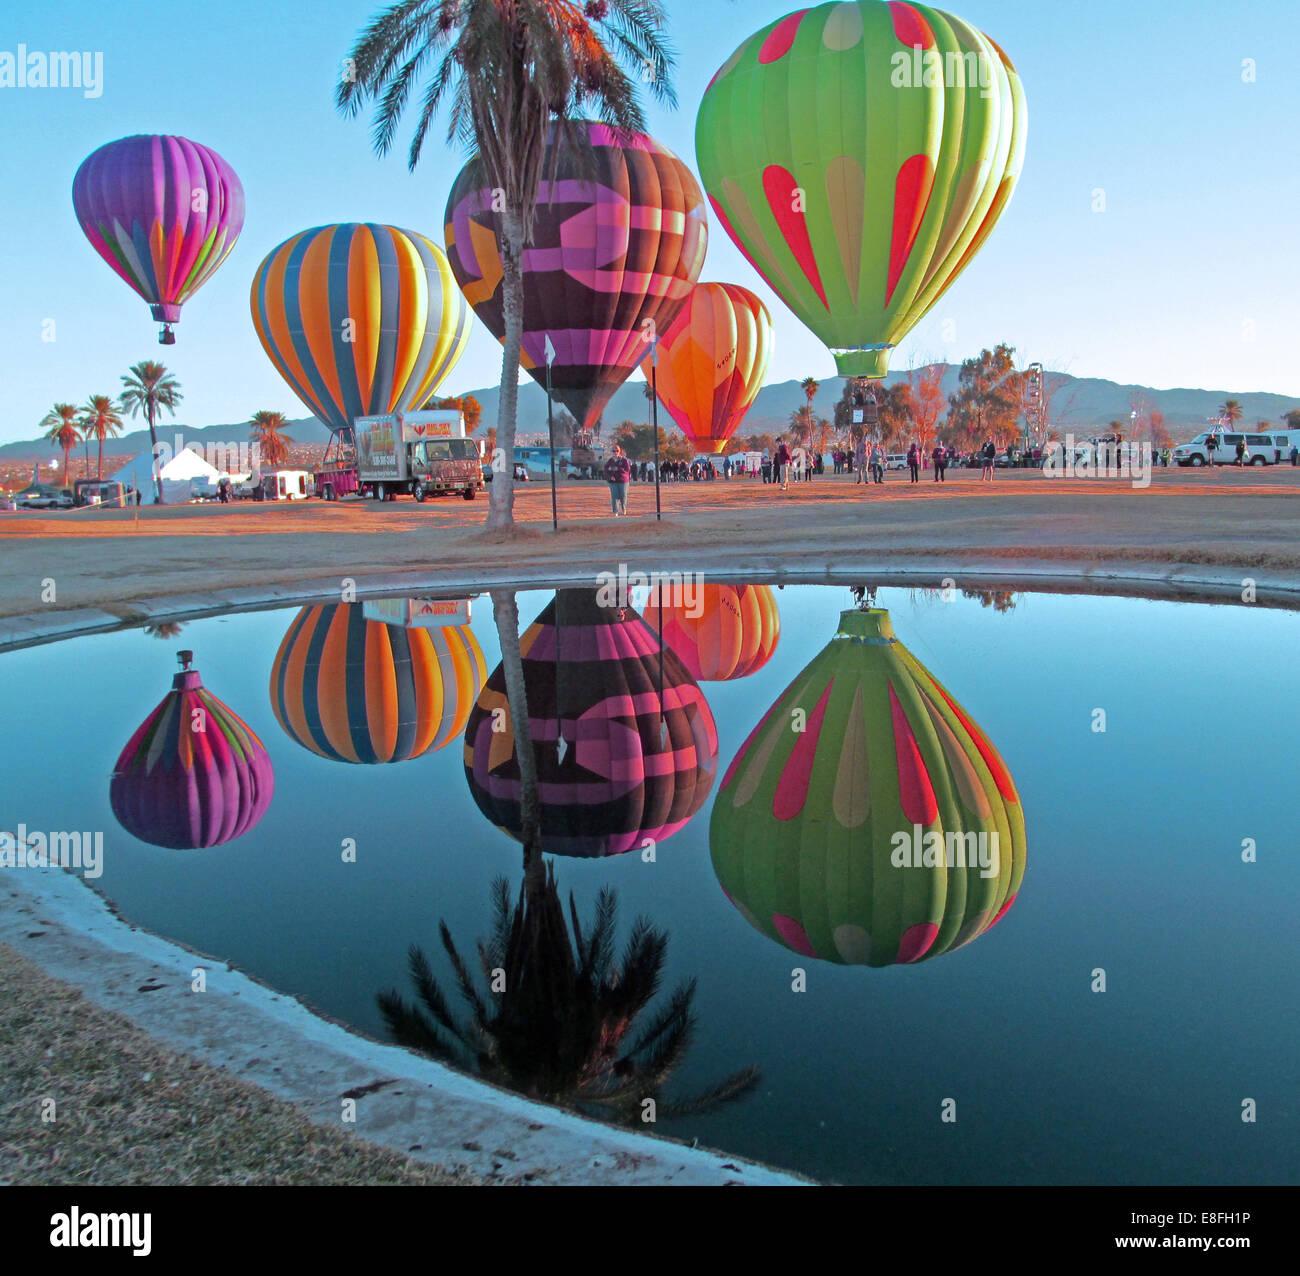 Ee.Uu., Arizona, Mohave County, Lake Havasu City, Beachcomber Boulevard, Lake Havasu, Lake Havasu Festival de globos, globos de aire caliente se refleja en el estanque Foto de stock